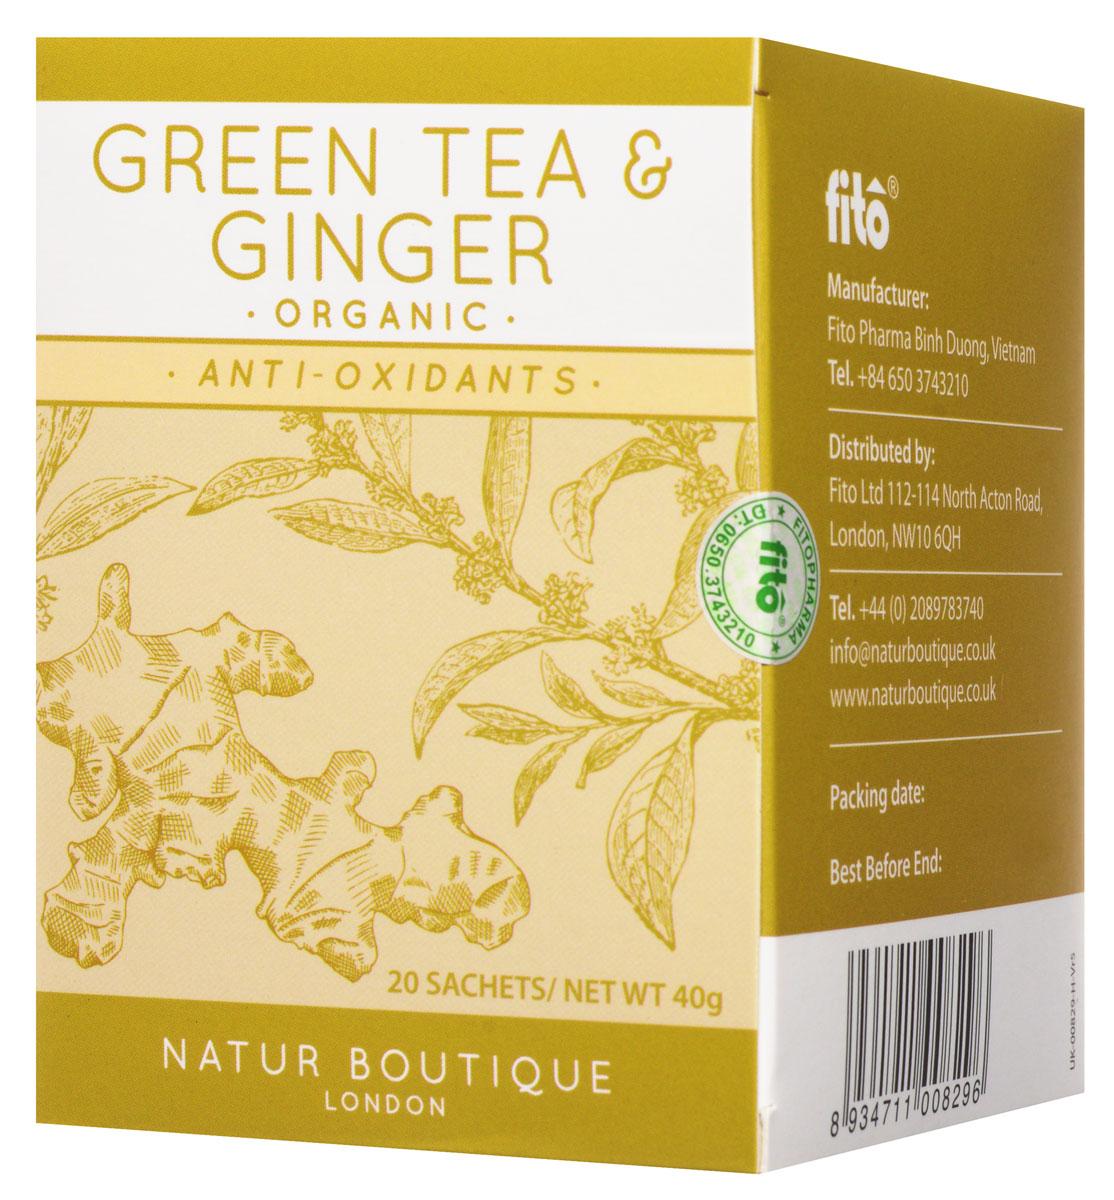 Natur Boutique Green Tea&Ginger Organic Tea органический зеленый чай с имбирем, 20 пакетиков256Органический зеленый чай Natur Boutique Green Tea&Ginger Organic Tea подарит вам отличный освежающий вкус. Выращенный на лучших северных плантациях Вьетнама с использованием самых высококачественных удобрений, он обладает прекрасными целебными свойствами и великолепно сочетает в себе превосходный аромат зеленого чая и имбиря. Производство ведется без использования химических добавок и ароматизаторов, что помогает достигать потрясающего натурального вкуса. В его состав входят только зеленый чай и имбирь. Добавление каких-либо примесей недопустимо. Данный товар имеет огромную пользу для каждого человека, ведь употребление этого чая поспособствует повышению умственных и физических показателей организма, а также значительному улучшению его тонуса. Повышенное содержание антиоксидантов позволяет достигать великолепных результатов и очищать организм от вредоносного воздействия загрязнённой окружающей среды. Natur Boutique также прекрасно восстанавливает метаболизм и...